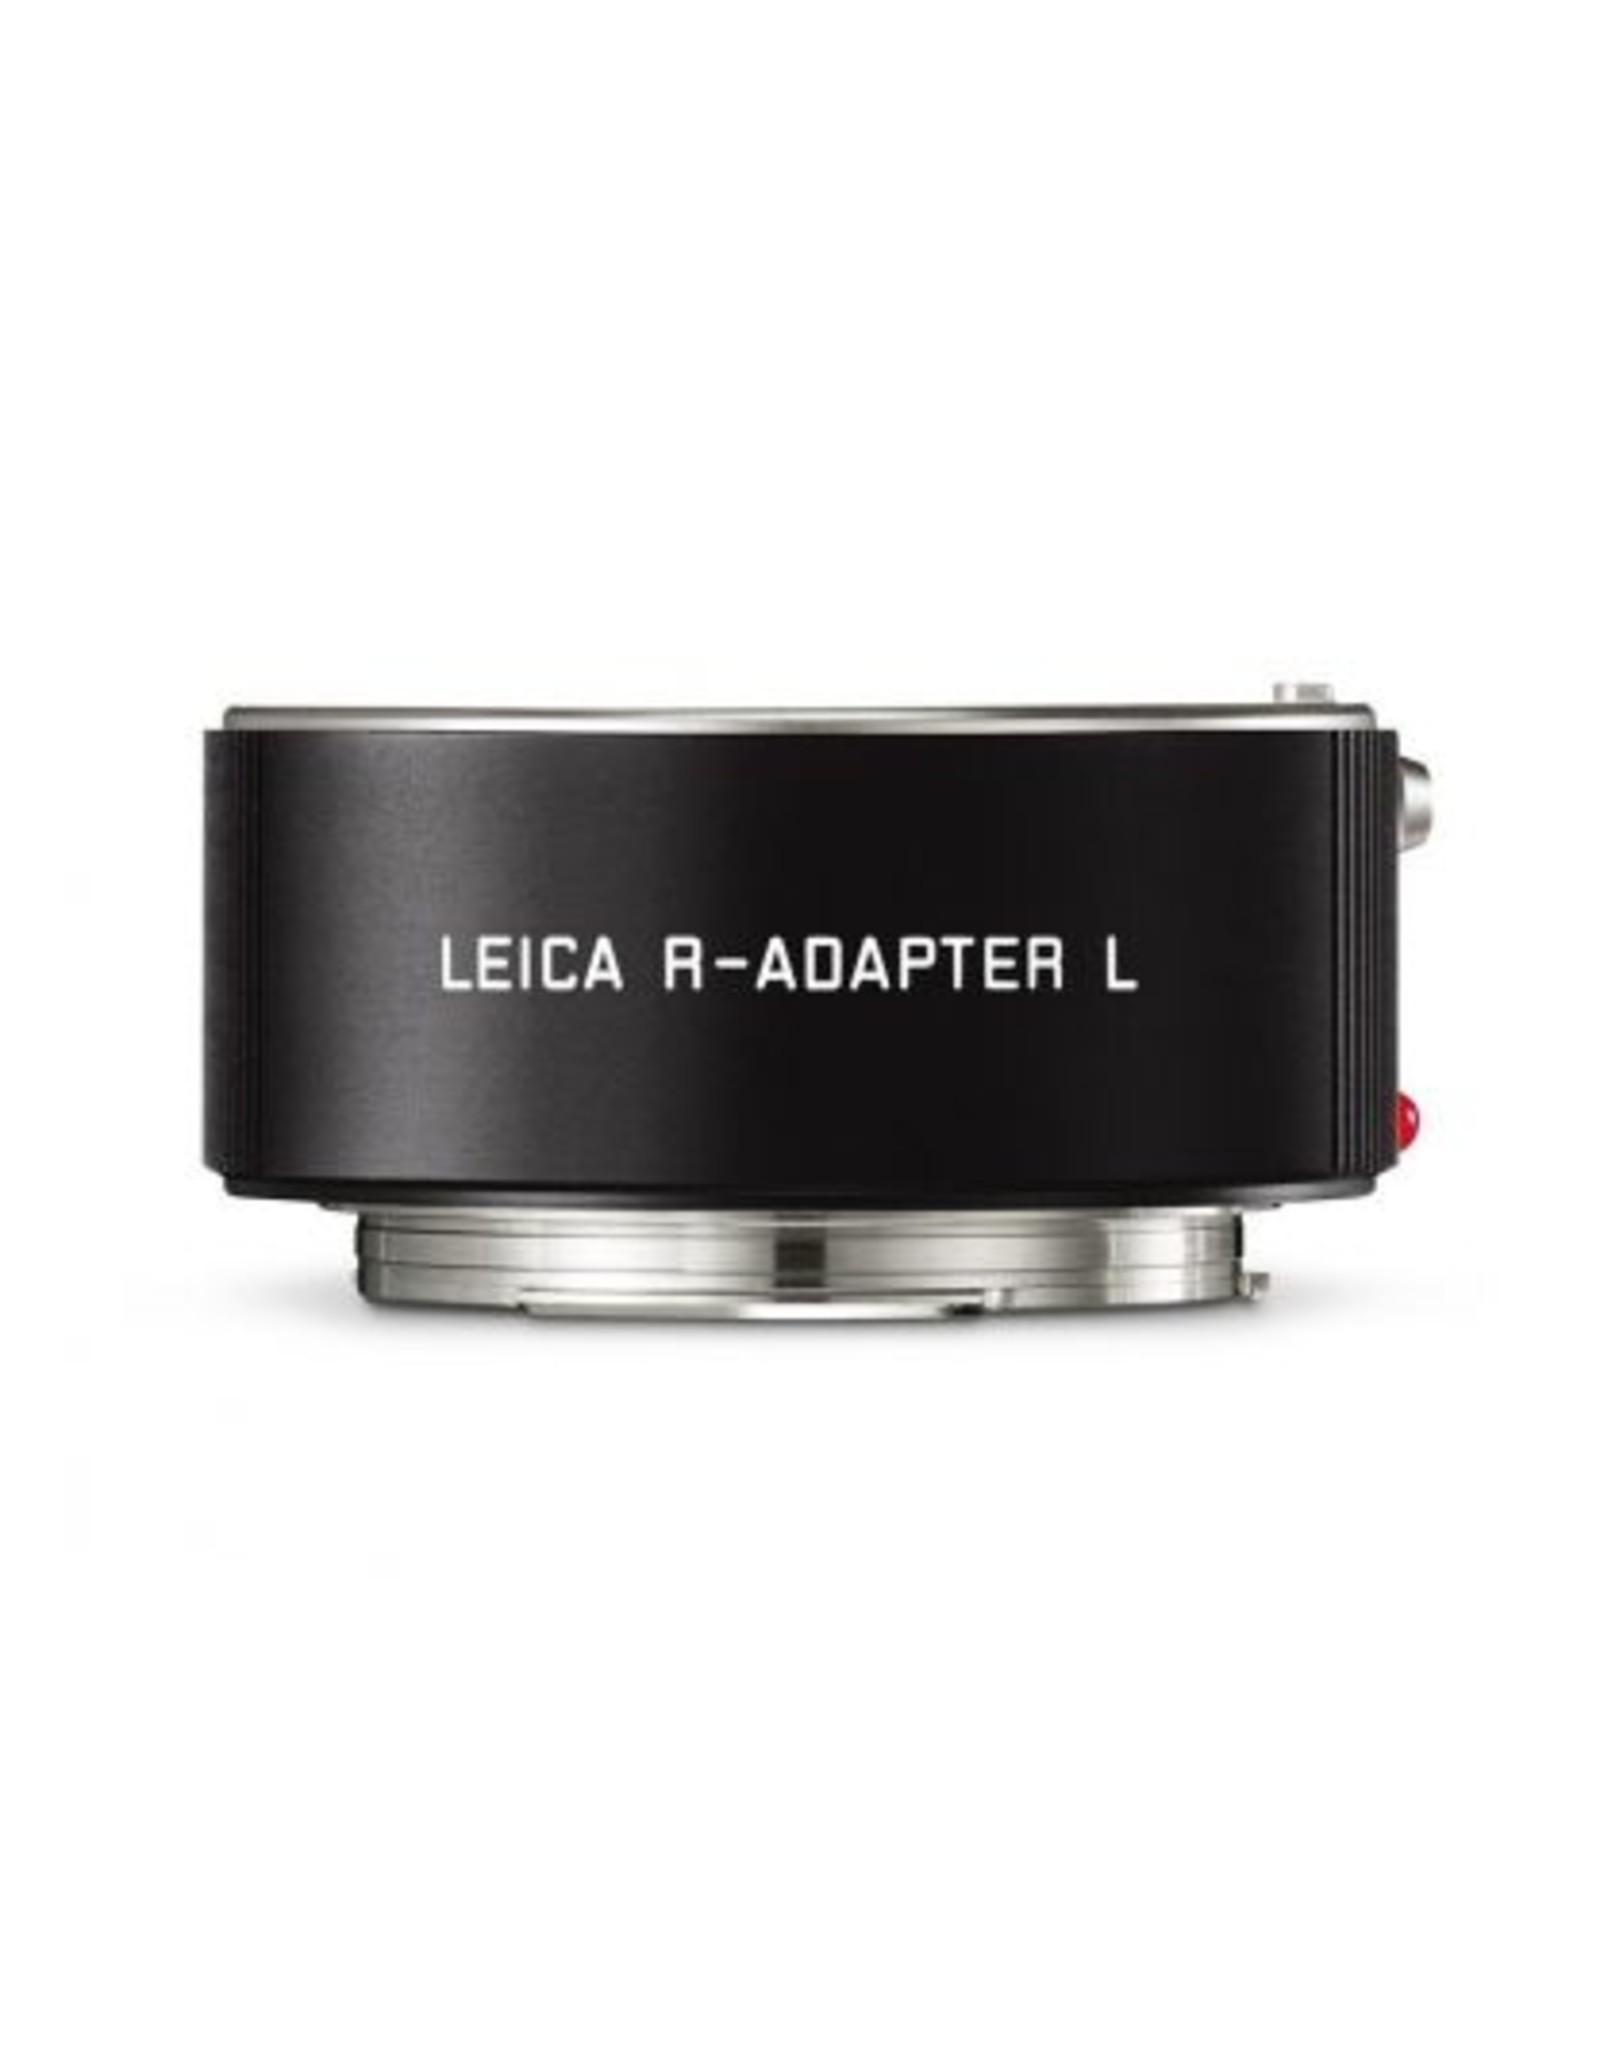 Leica Leica R-Adapter L   160-76